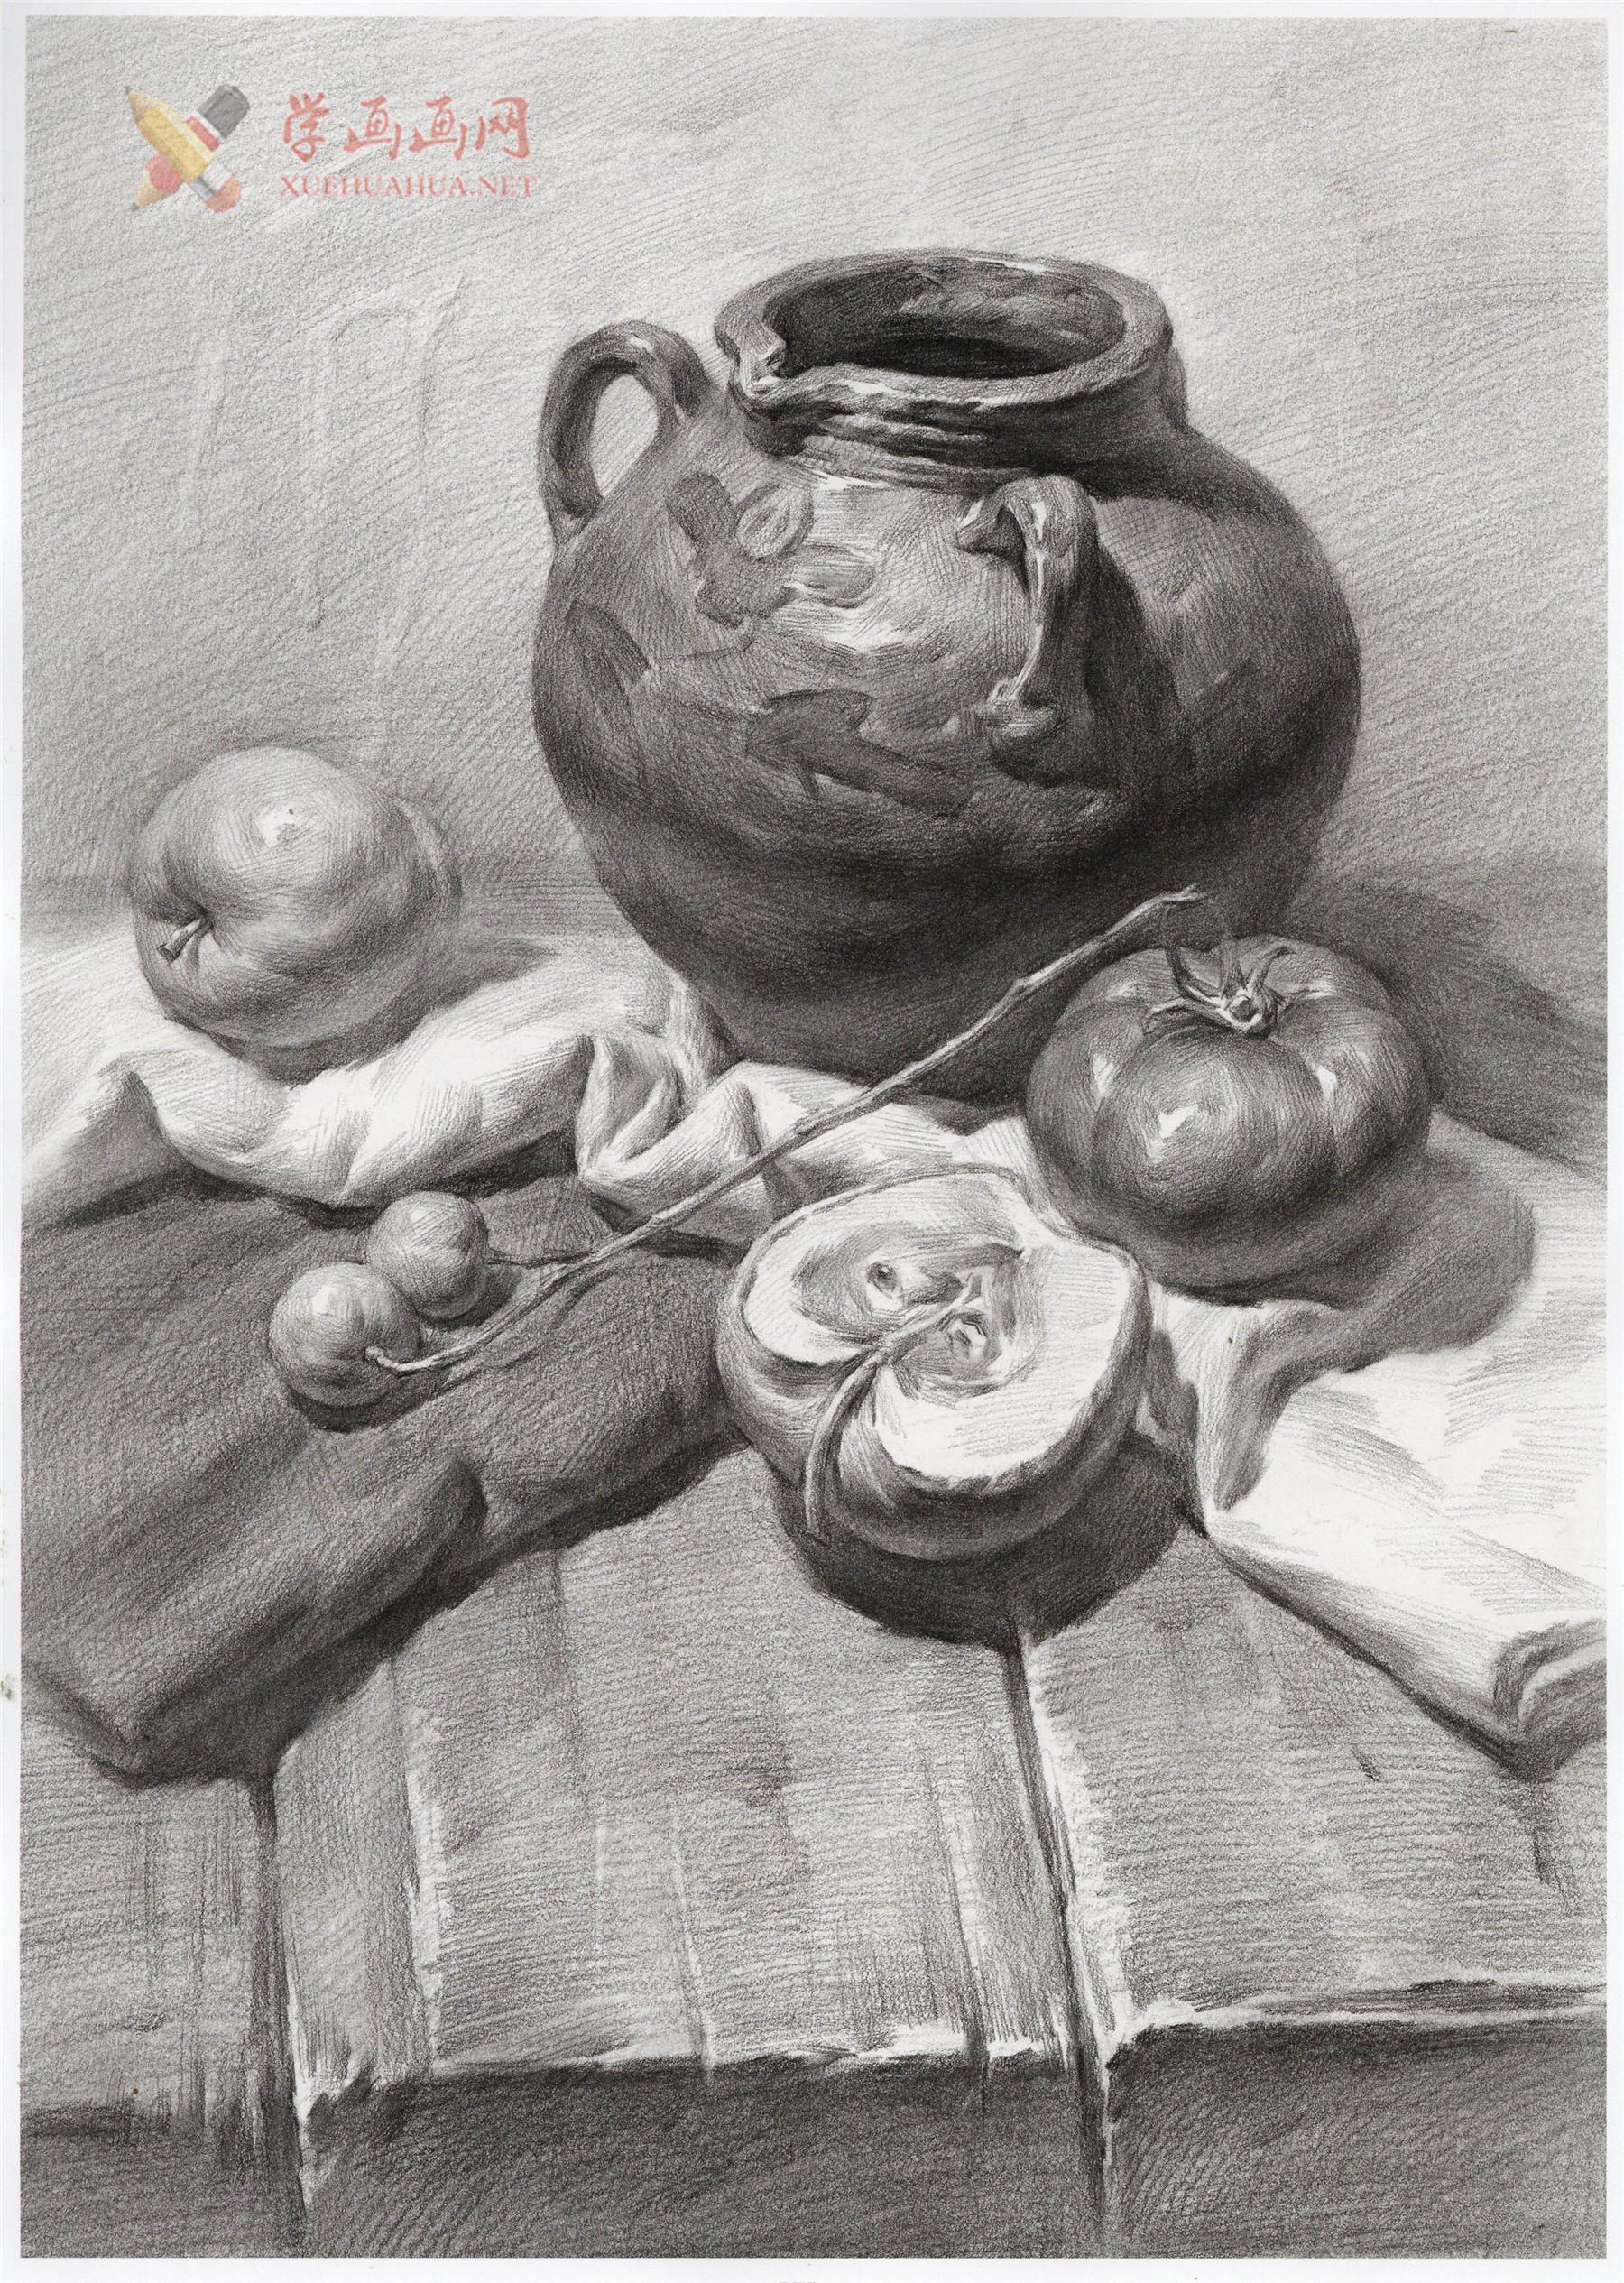 优秀素描静物图片_素描陶罐、梨、西红柿、苹果、木桌的画法(1)